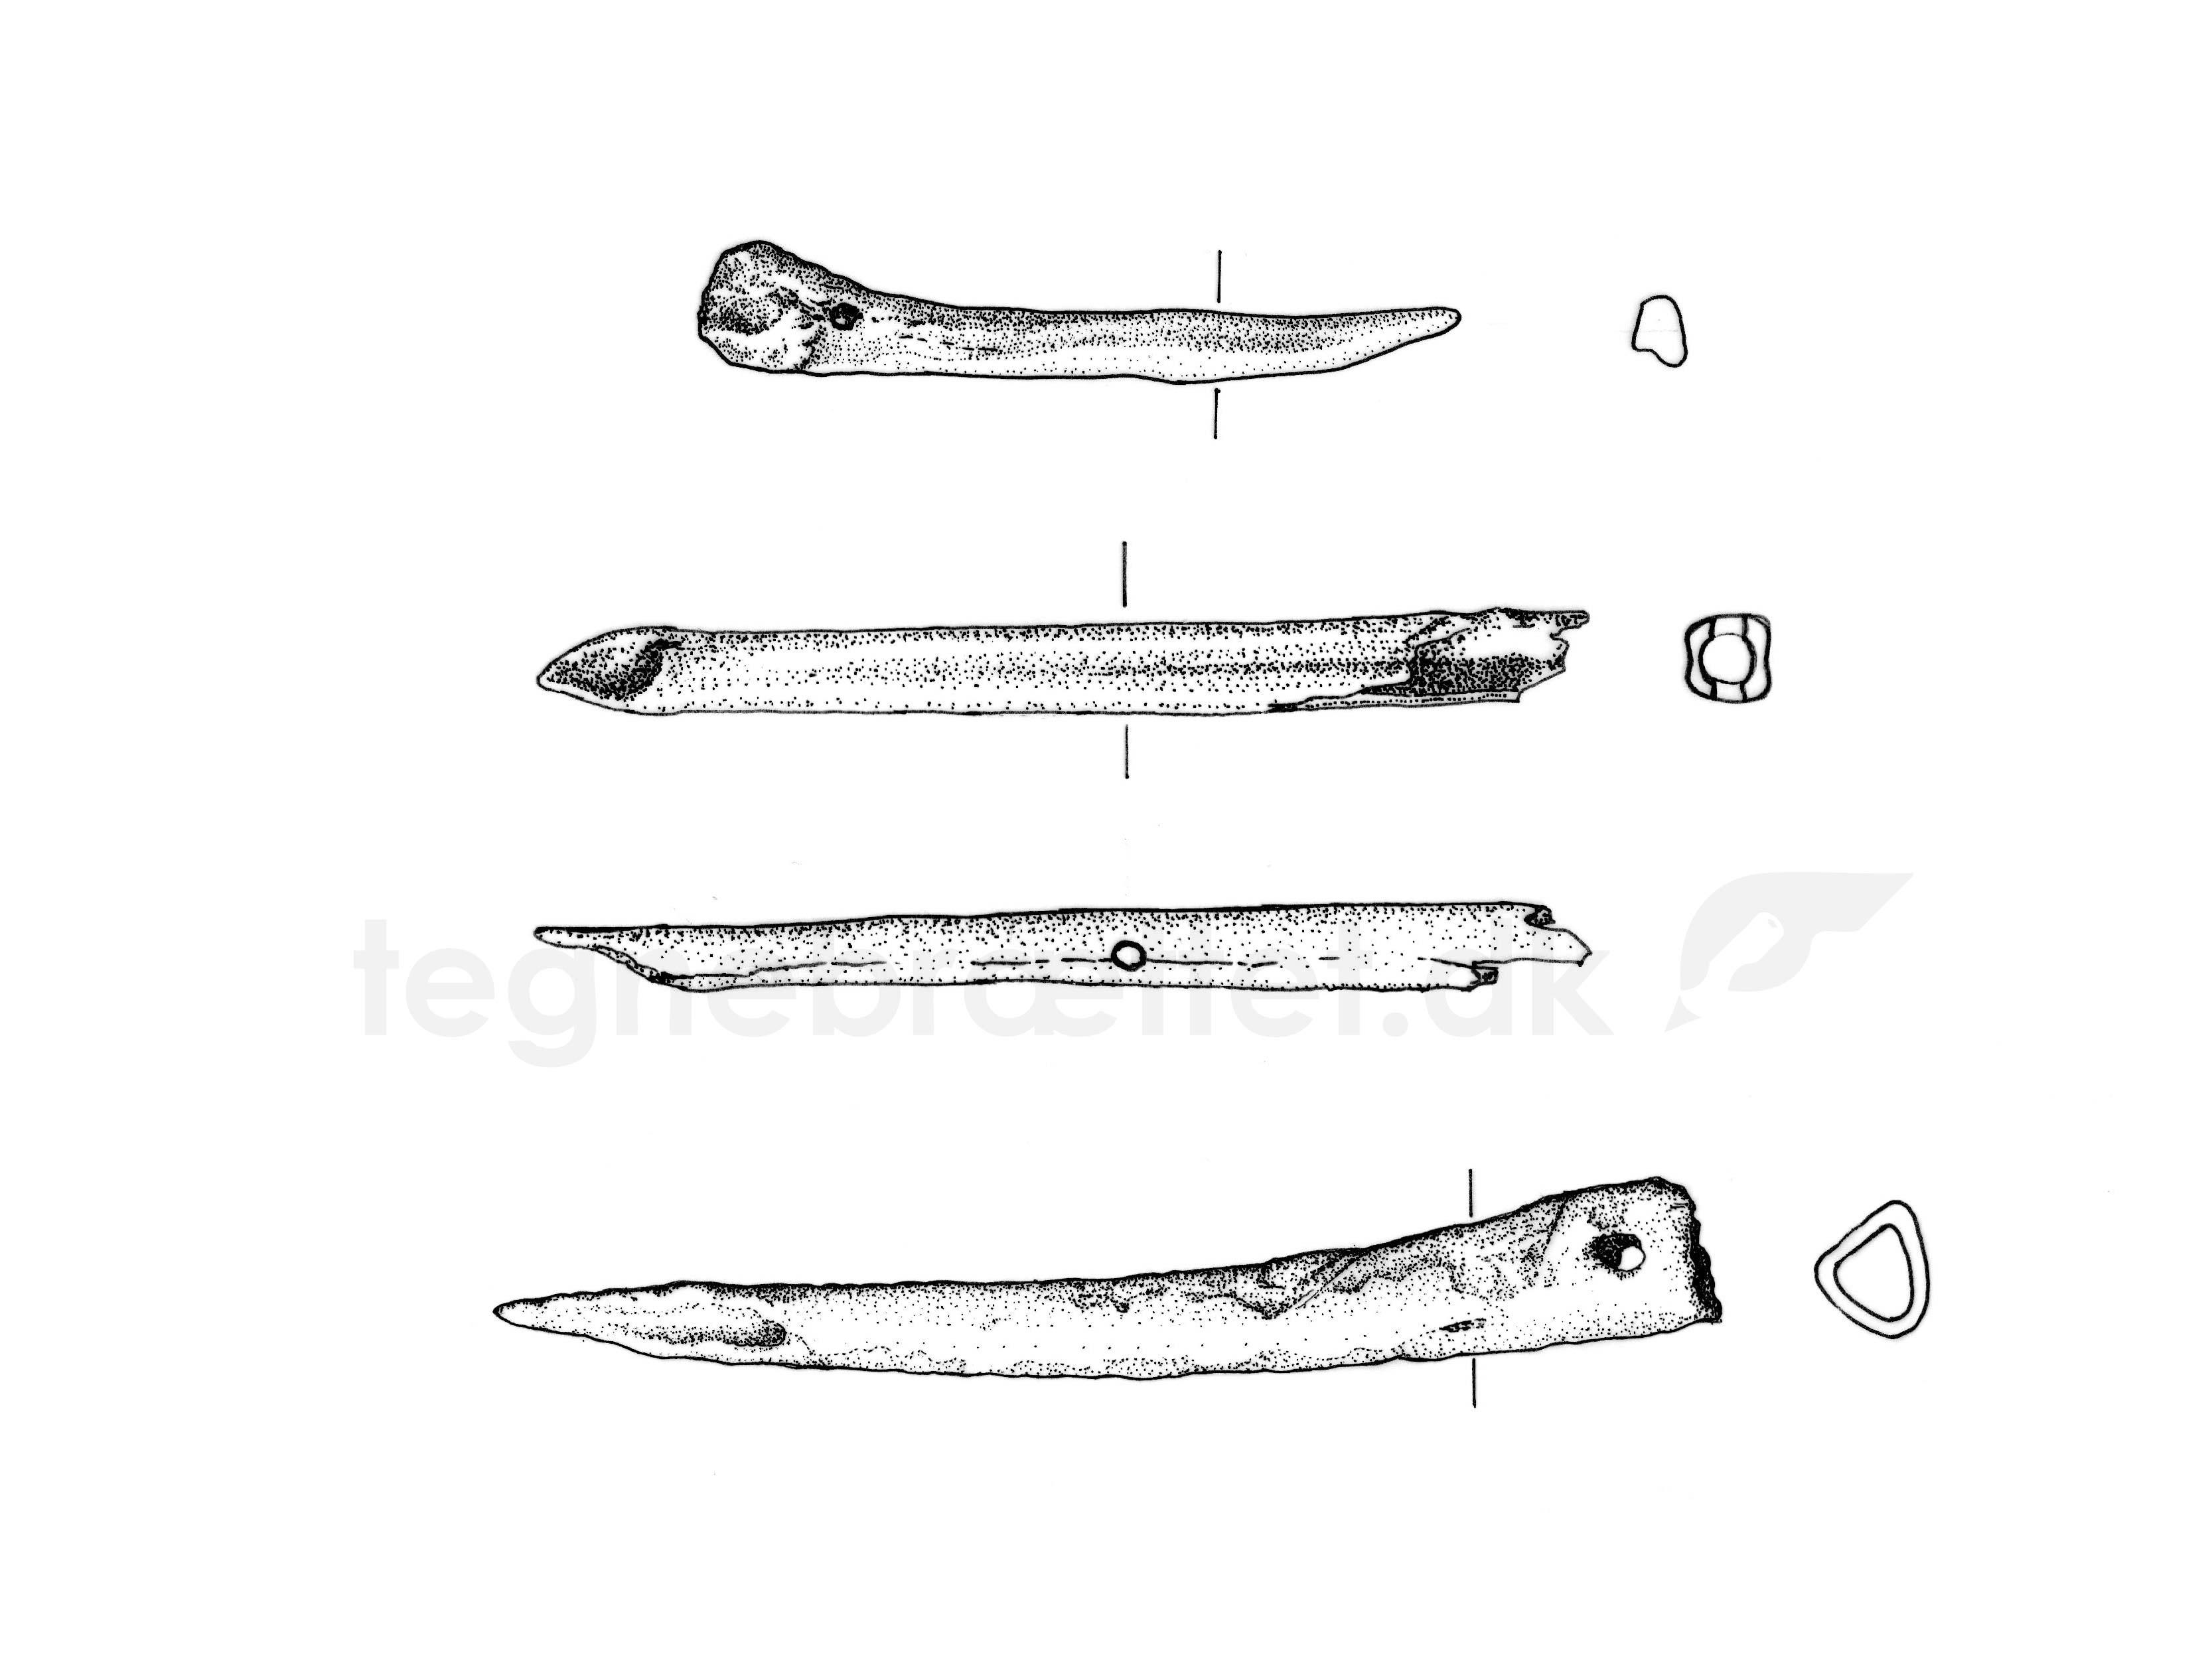 lansespidser af knogler